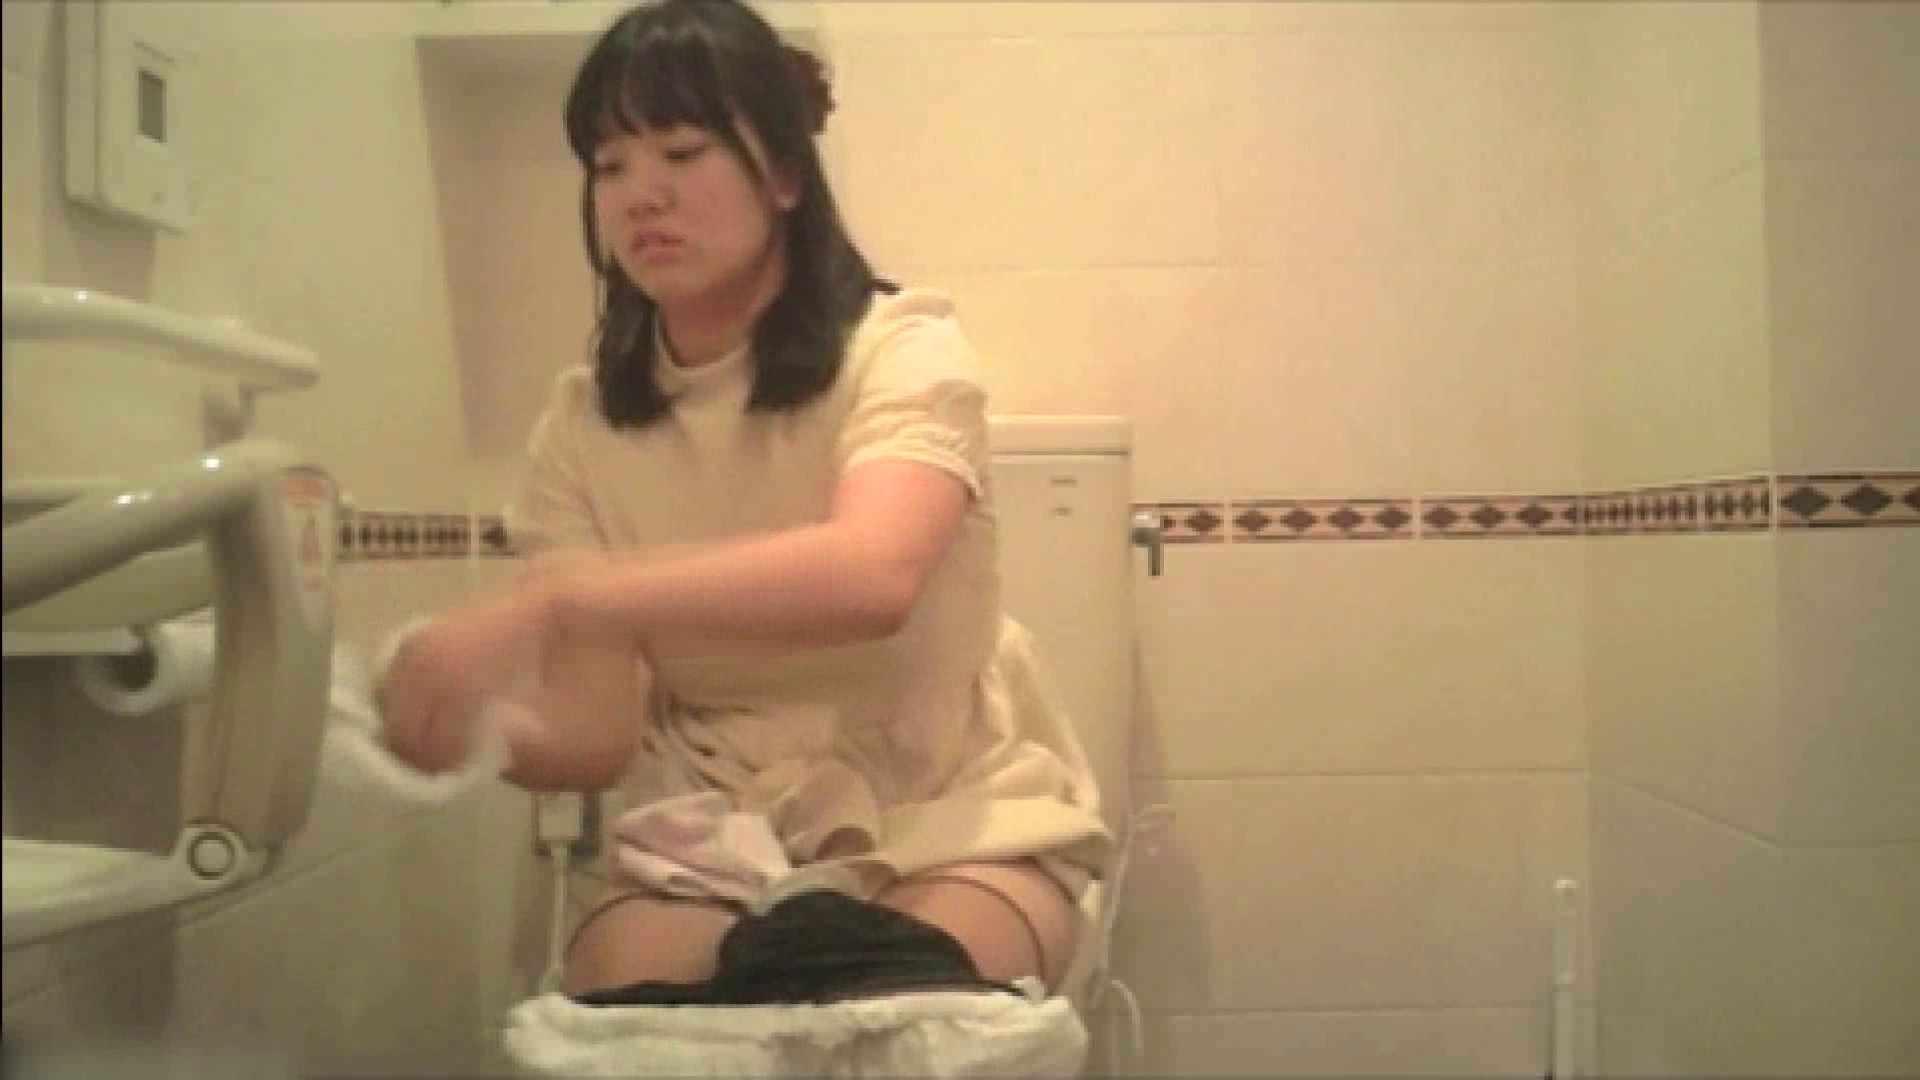 実録!!綺麗なお姉さんのトイレ事情・・・。vol.18 OL  68枚 21